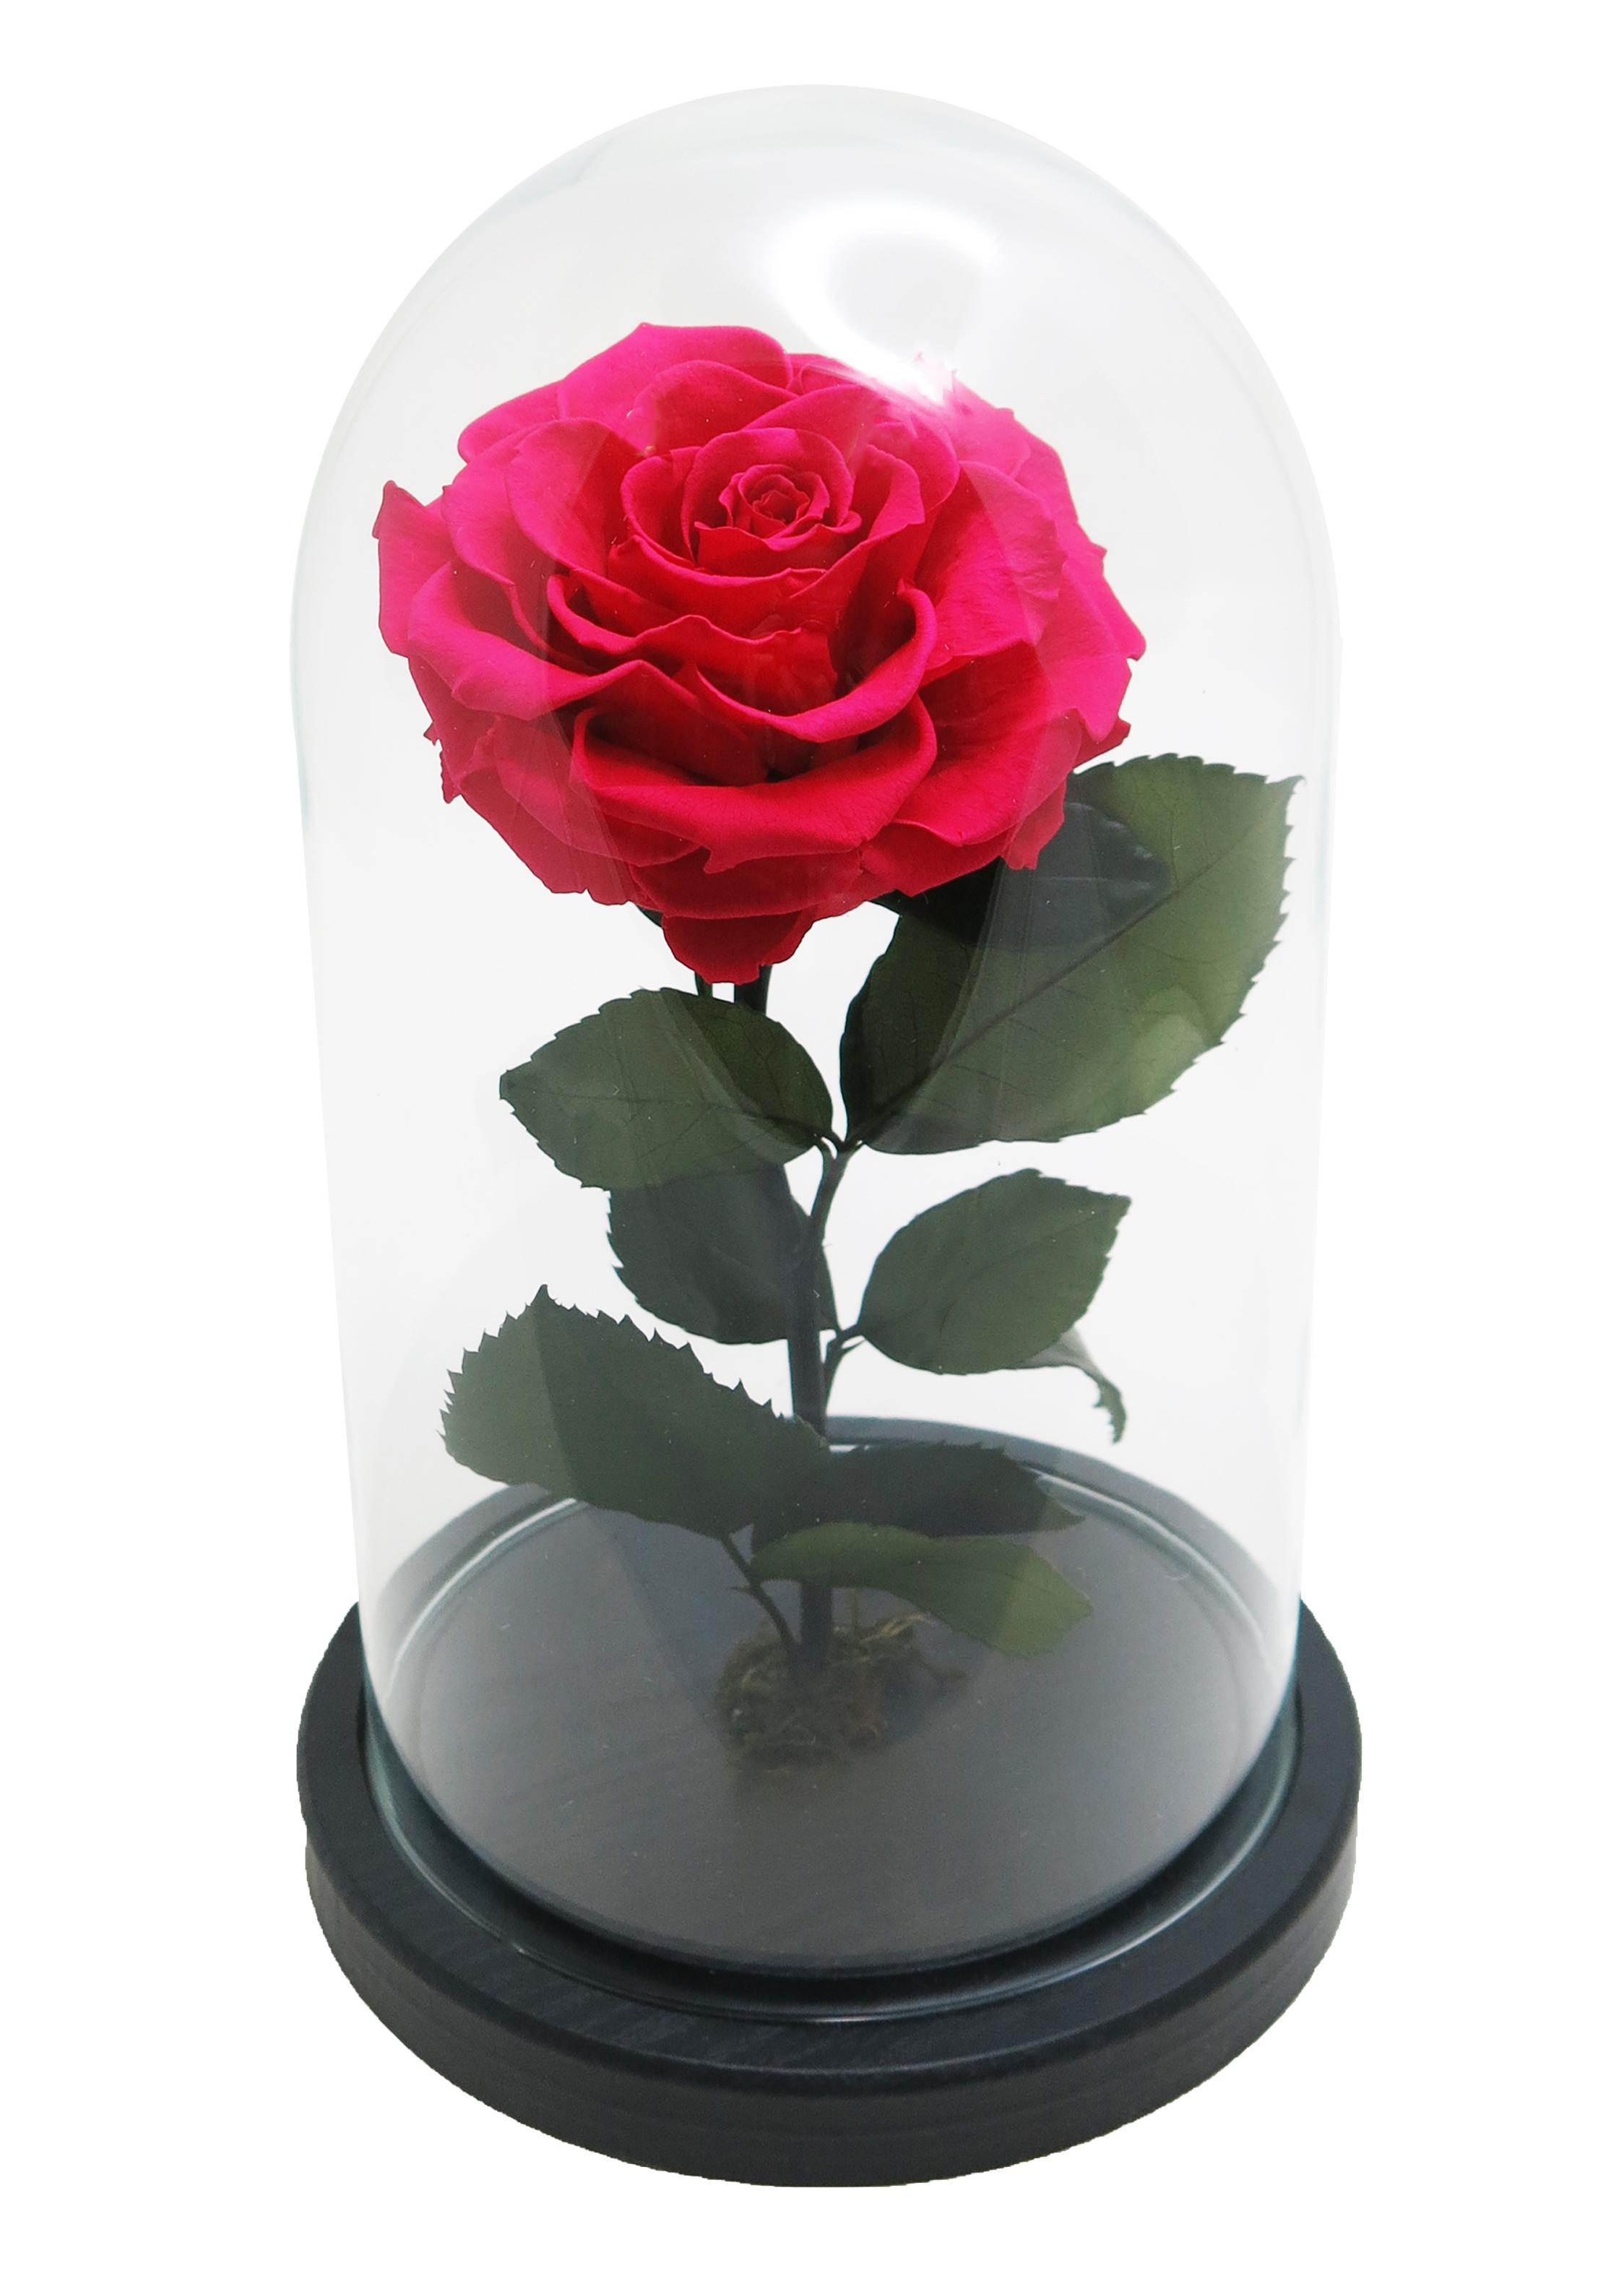 """Роза стеклянной колбе 26 см высота 15 см диаметр в стиле """"Красавица и чудовище"""" цвет бордовый"""